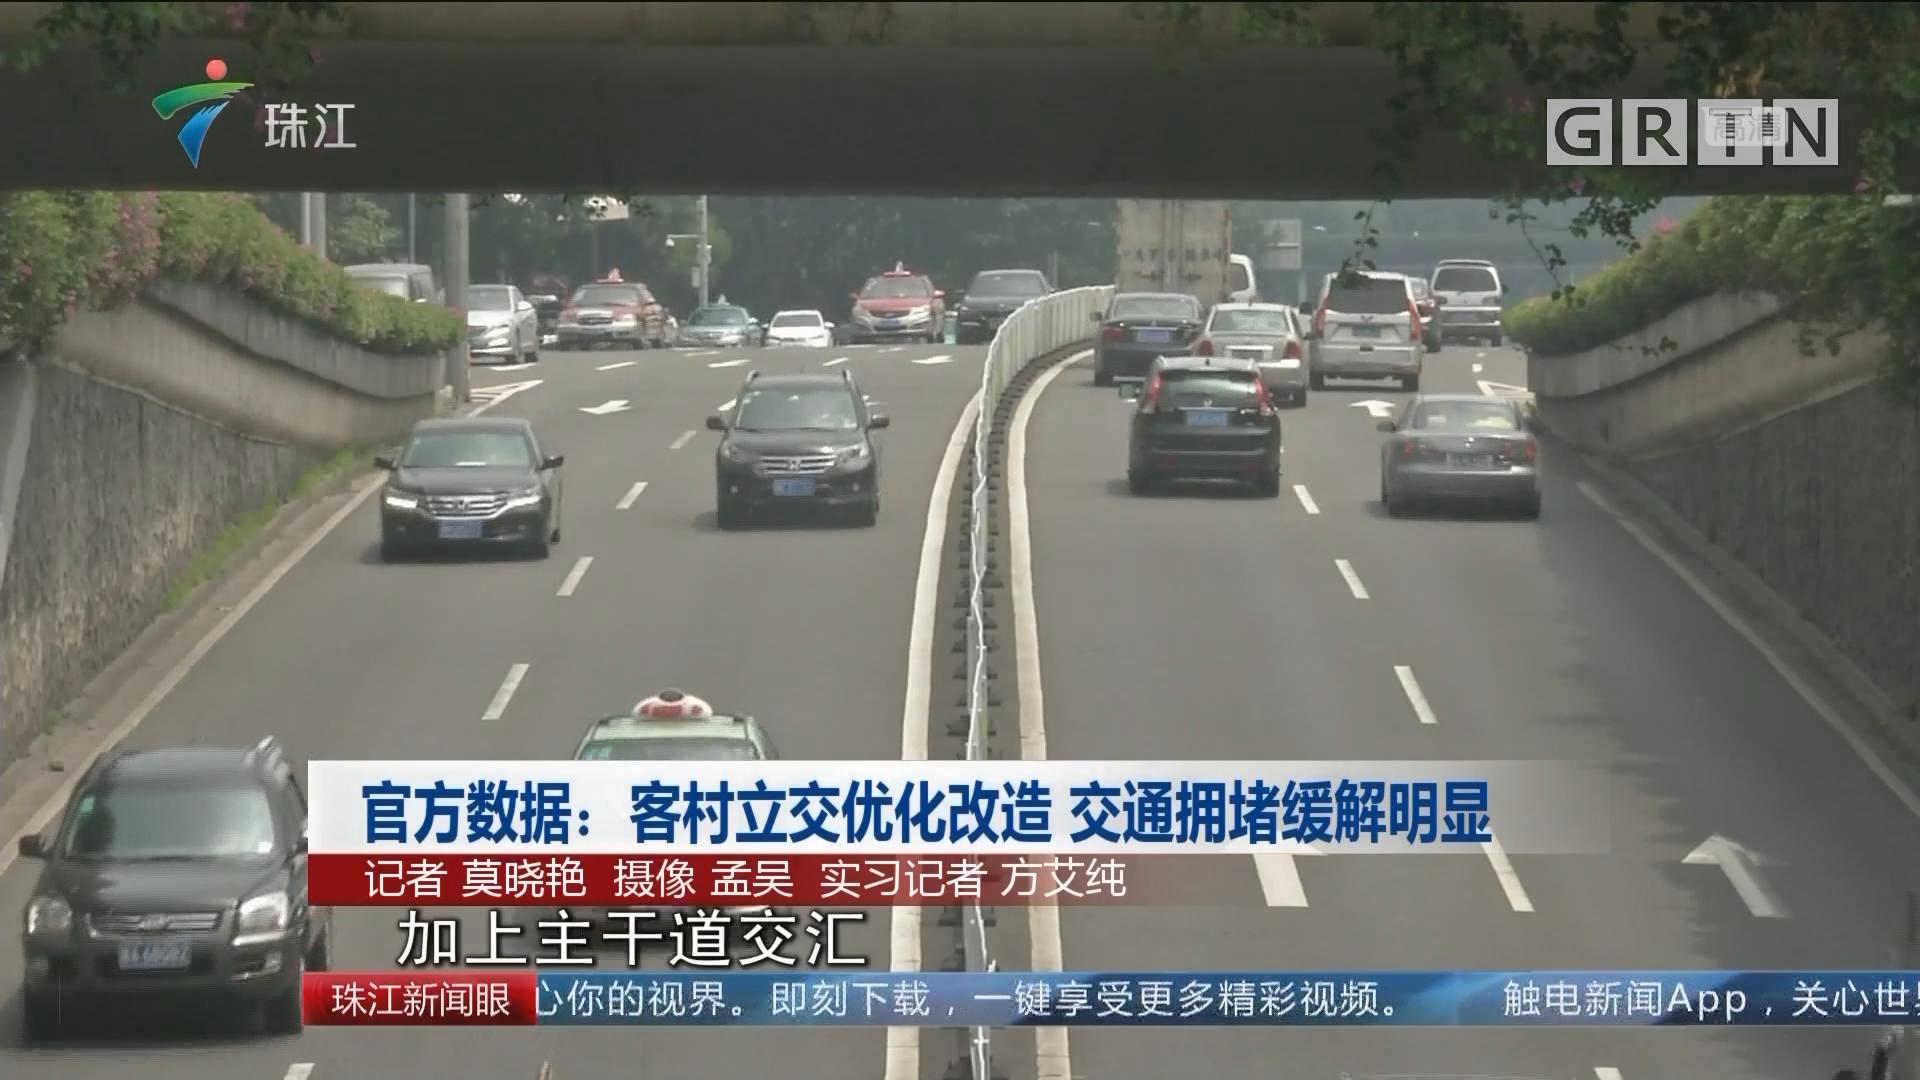 官方数据:客村立交优化改造 交通拥堵缓解明显